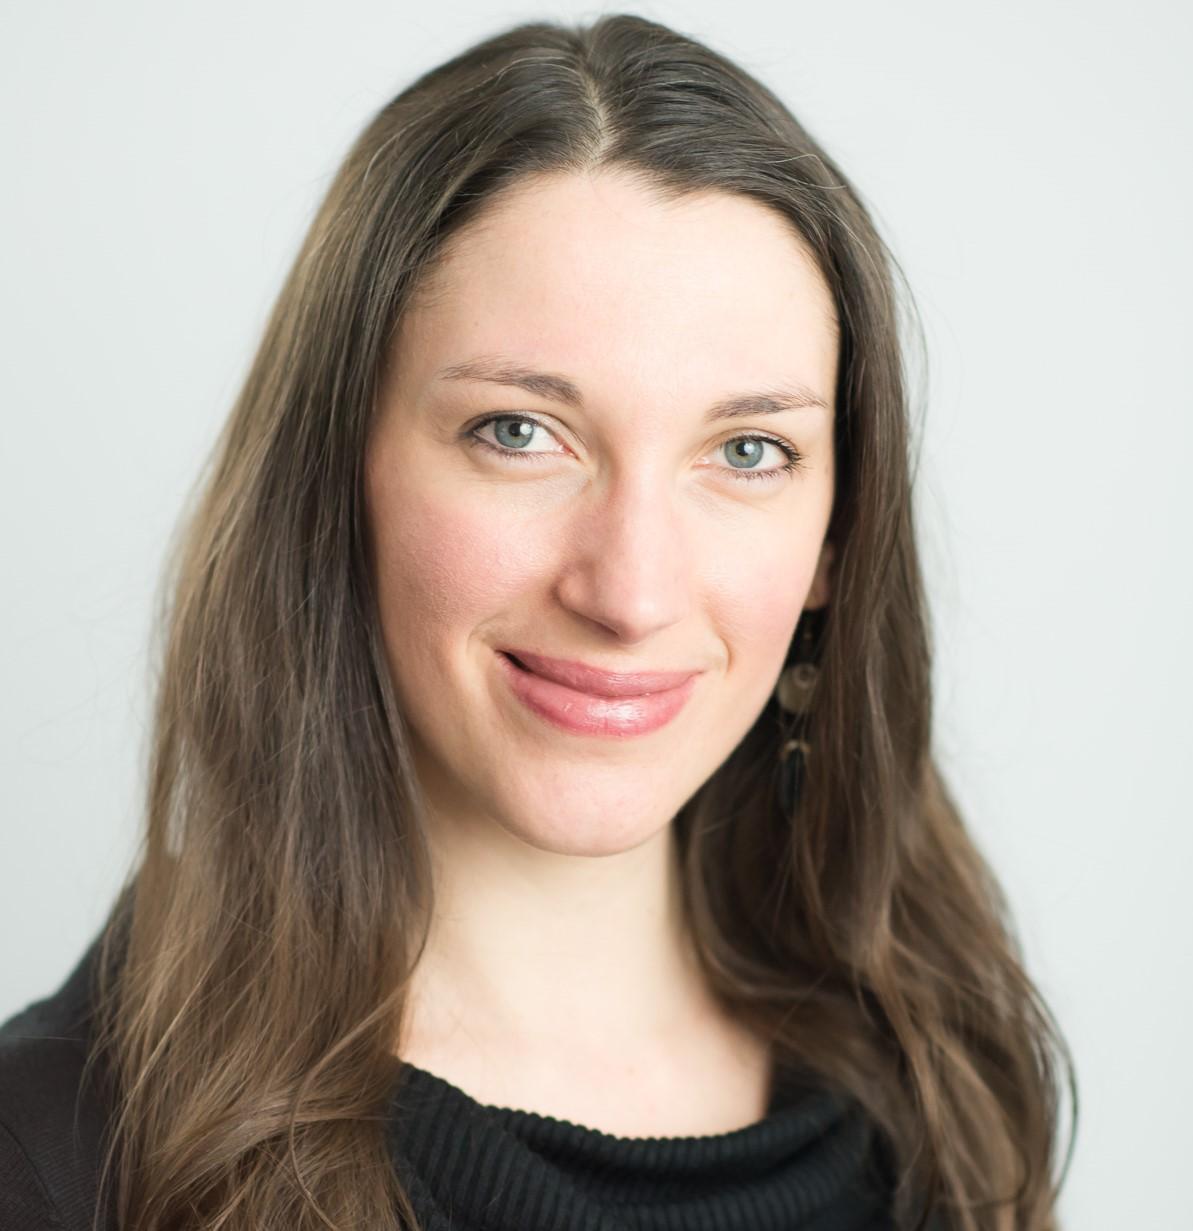 Sophie Kitschke